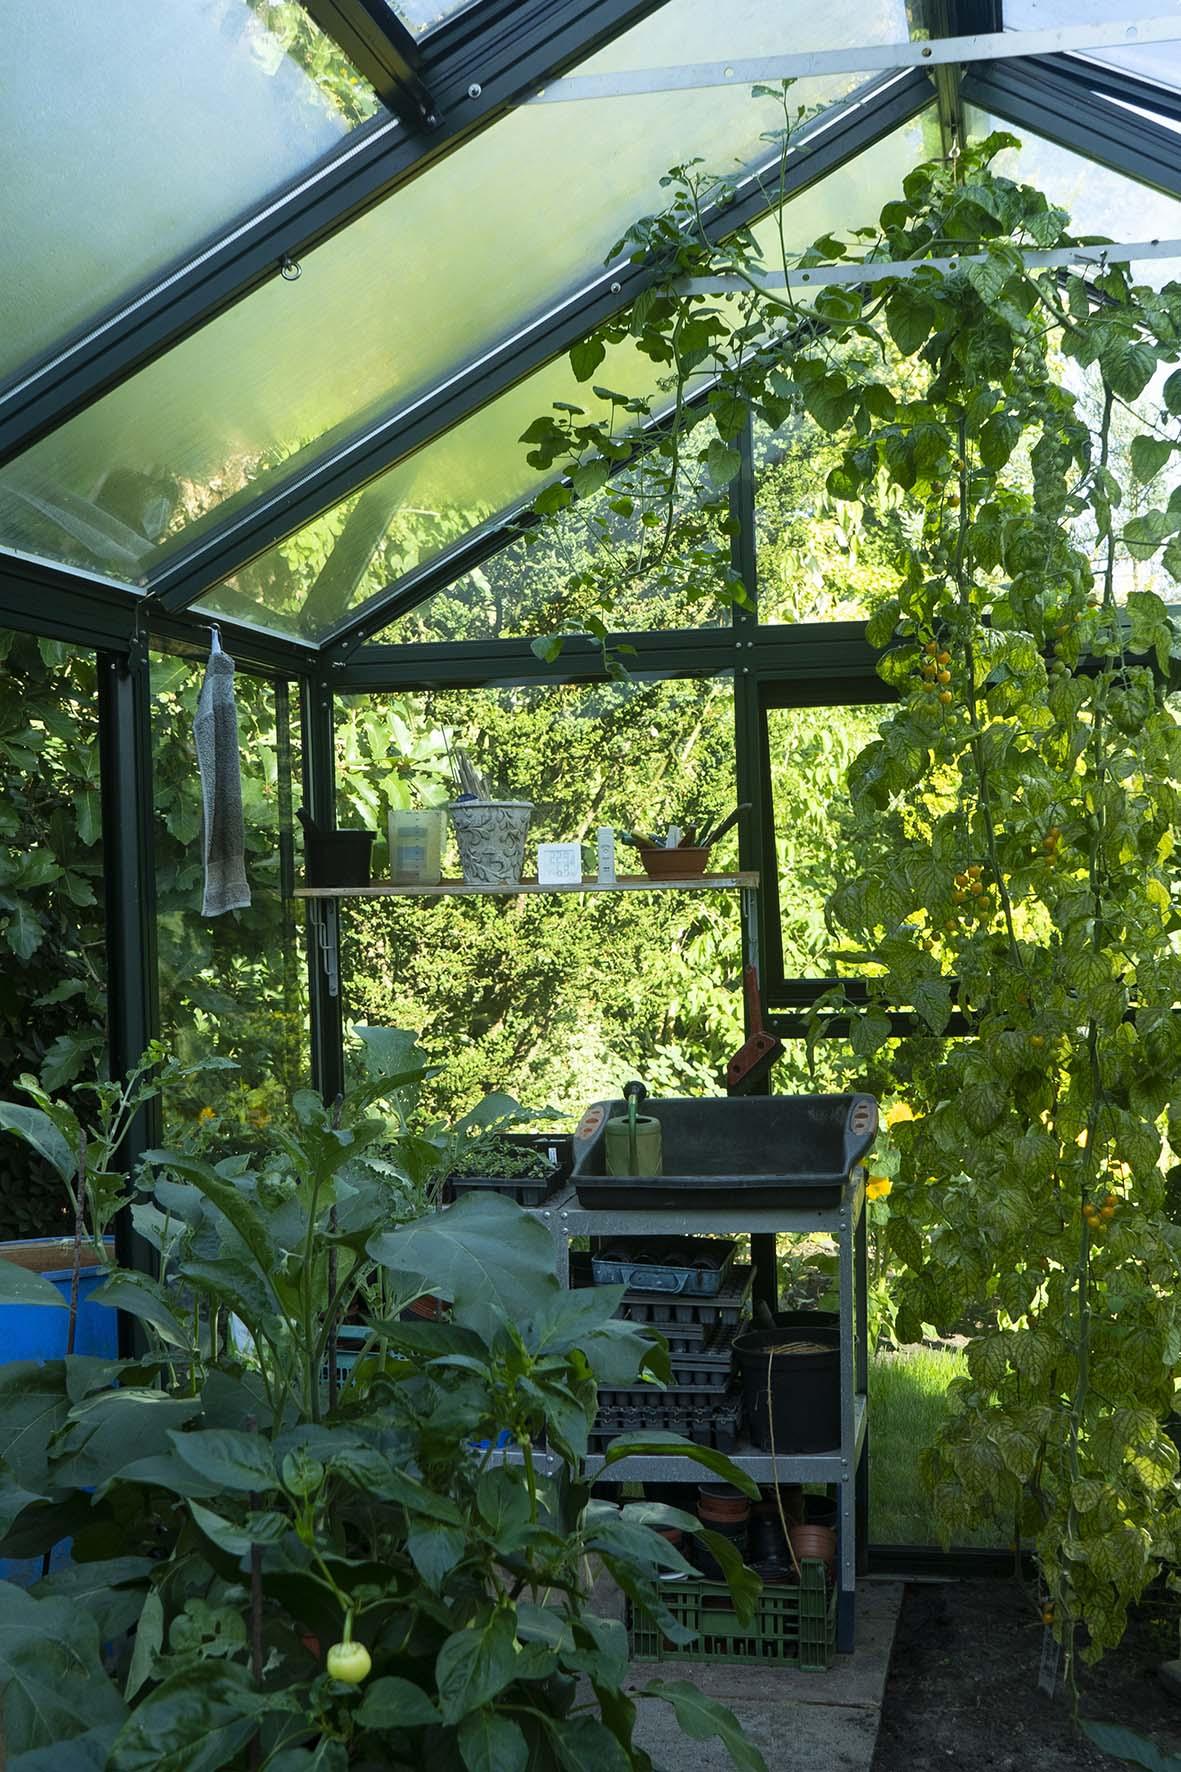 Beliebt Tomaten-Gewächshaus: Welche Modelle eignen sich? CJ04